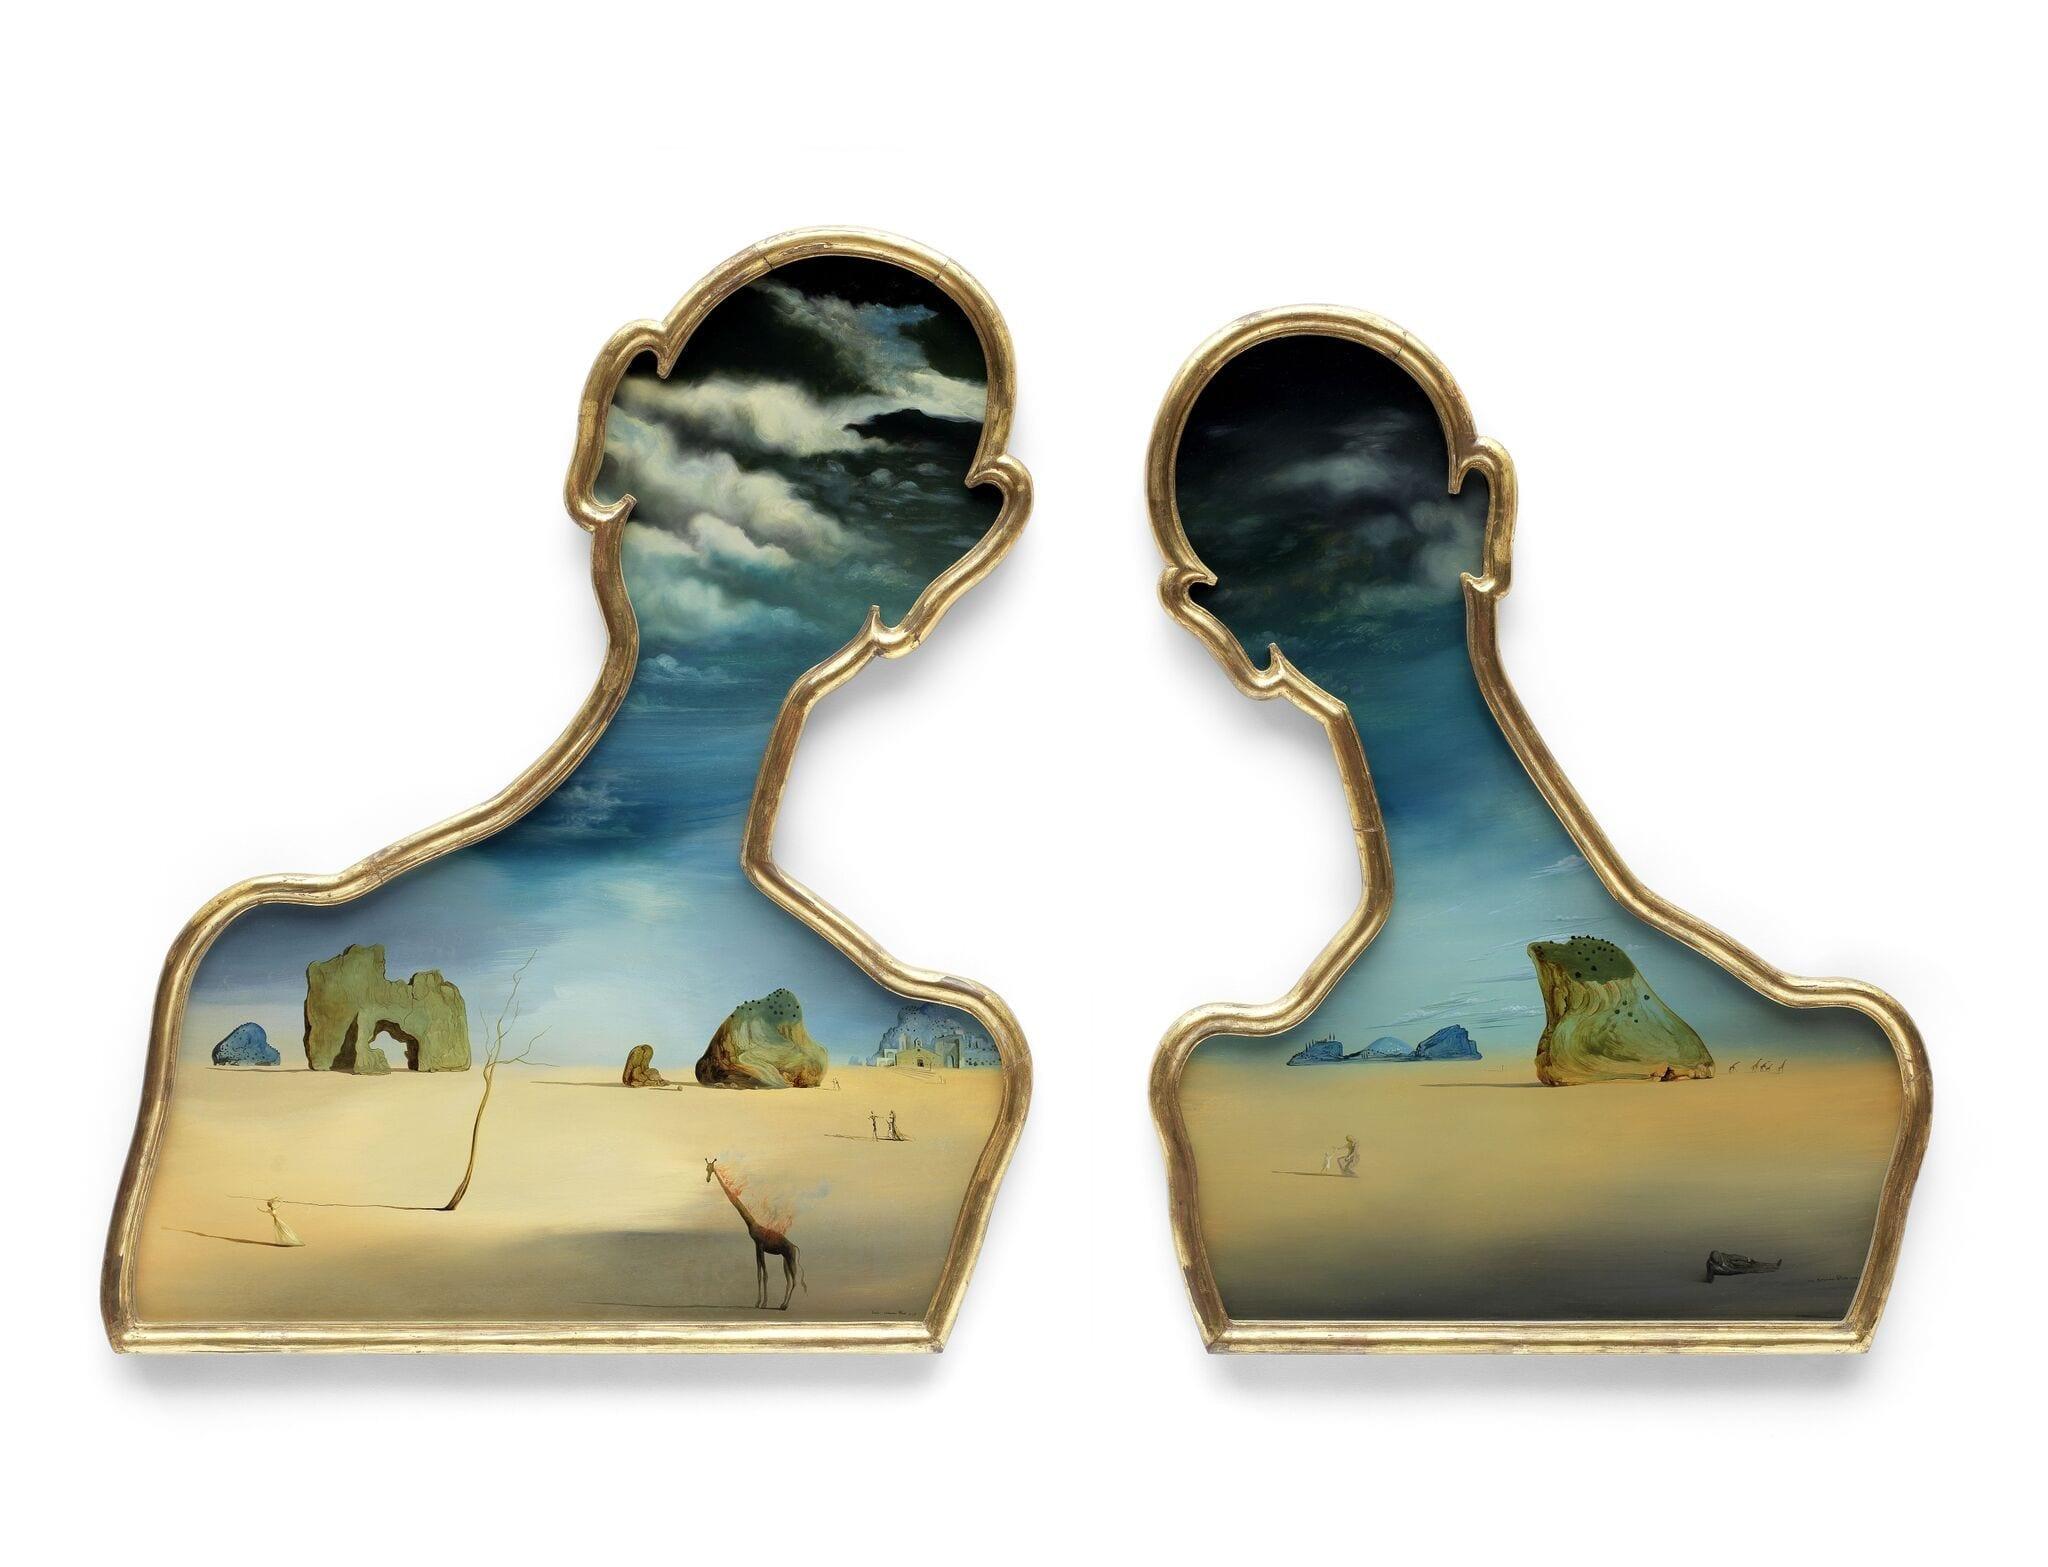 © Bonhams Salvador Dalí (1904-1989), Couple aux têtes pleines de nuages (1937) Estimación: £7,000,000 – 10,000,000. 92.5 x 72.5 cm (imagen a la izquierda) 90 x 70.5 cm (imagen a la derecha)